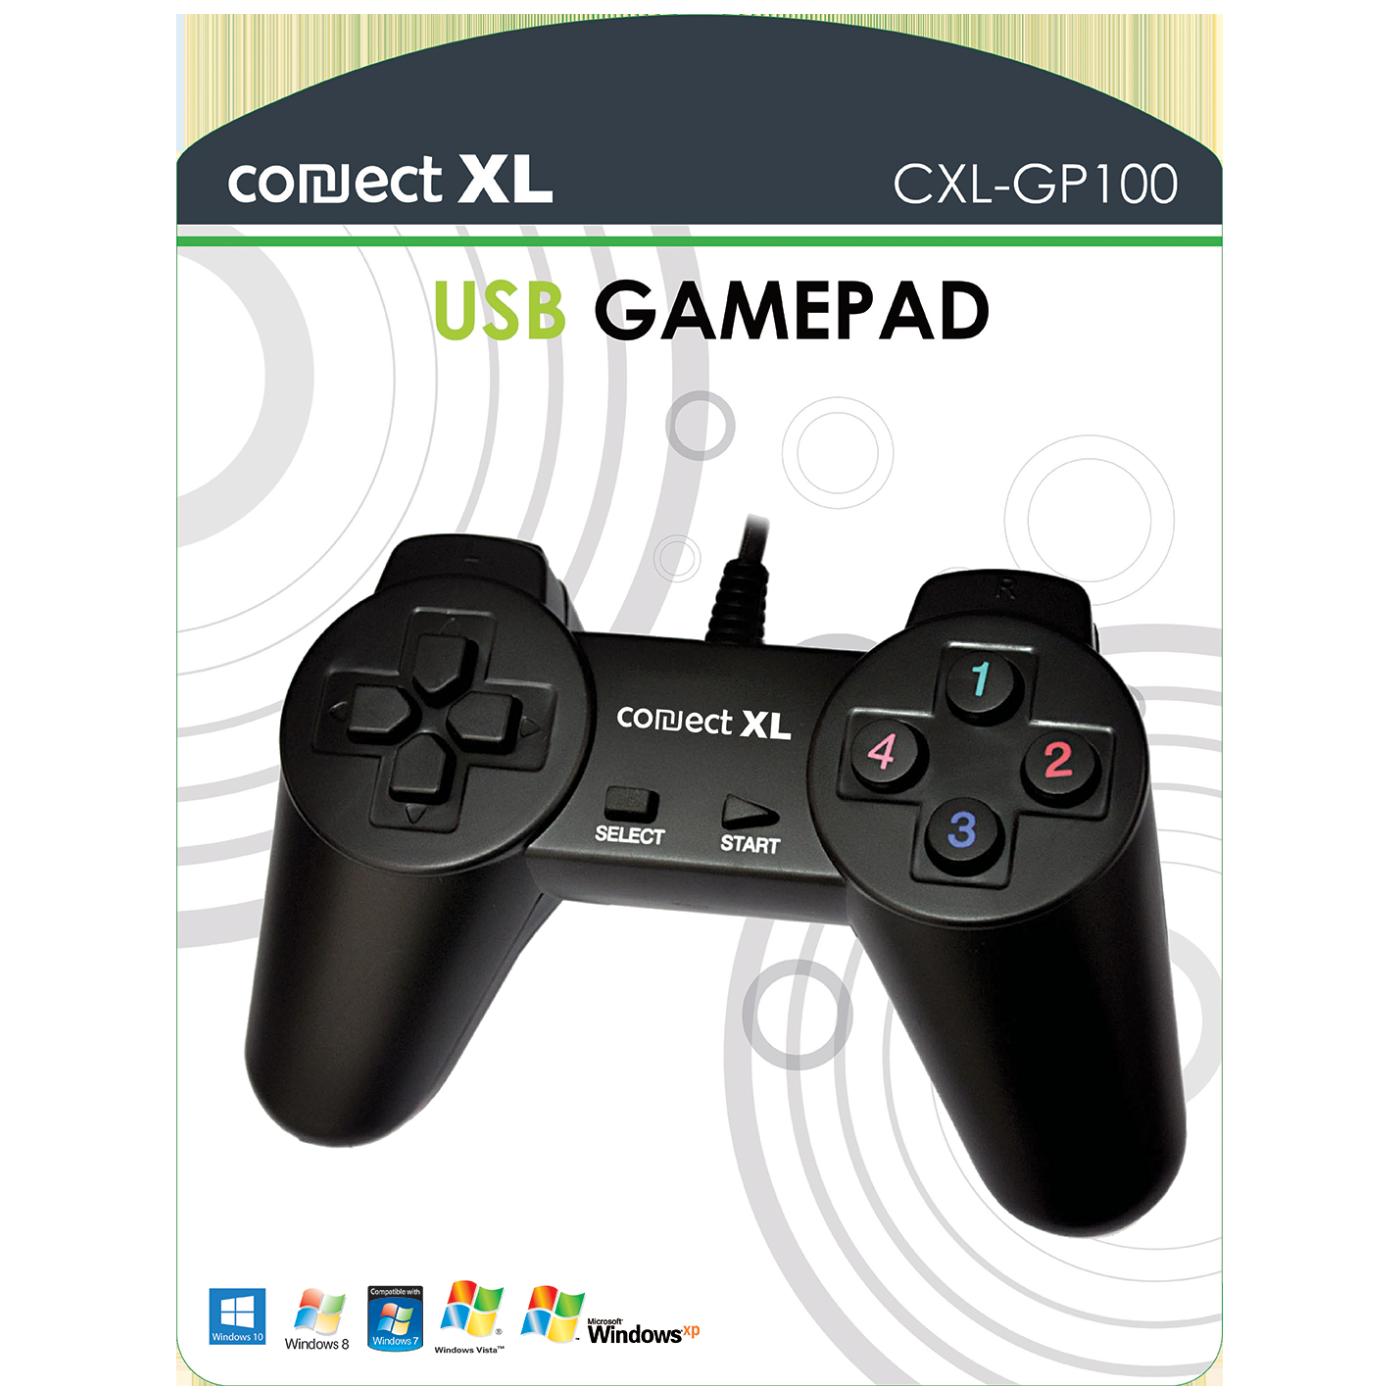 Connect XL - CXL-GP100